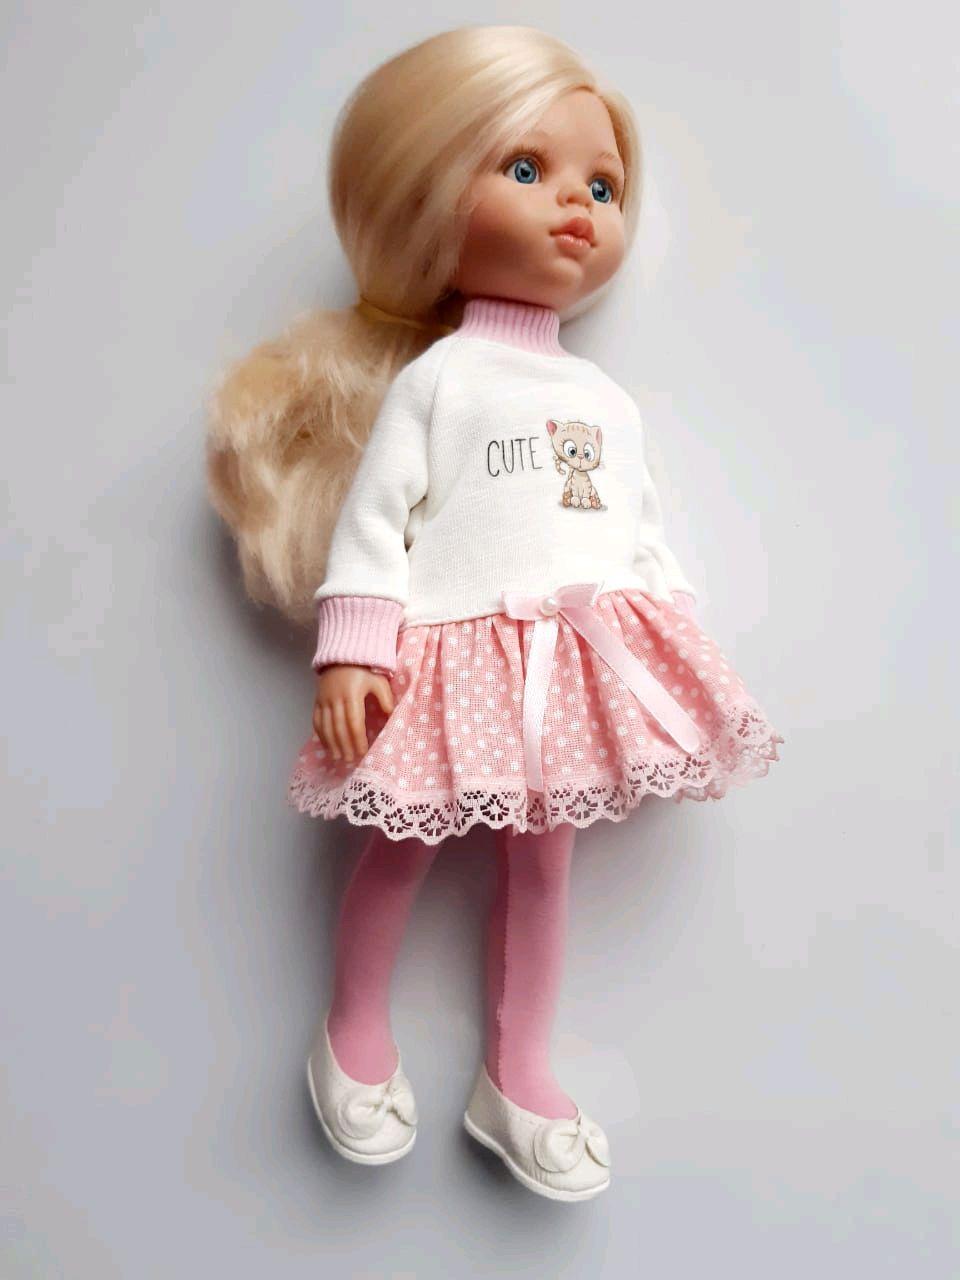 Одежда для кукол 32-35см Паола Рейна и им подобным, Одежда для кукол, Москва,  Фото №1